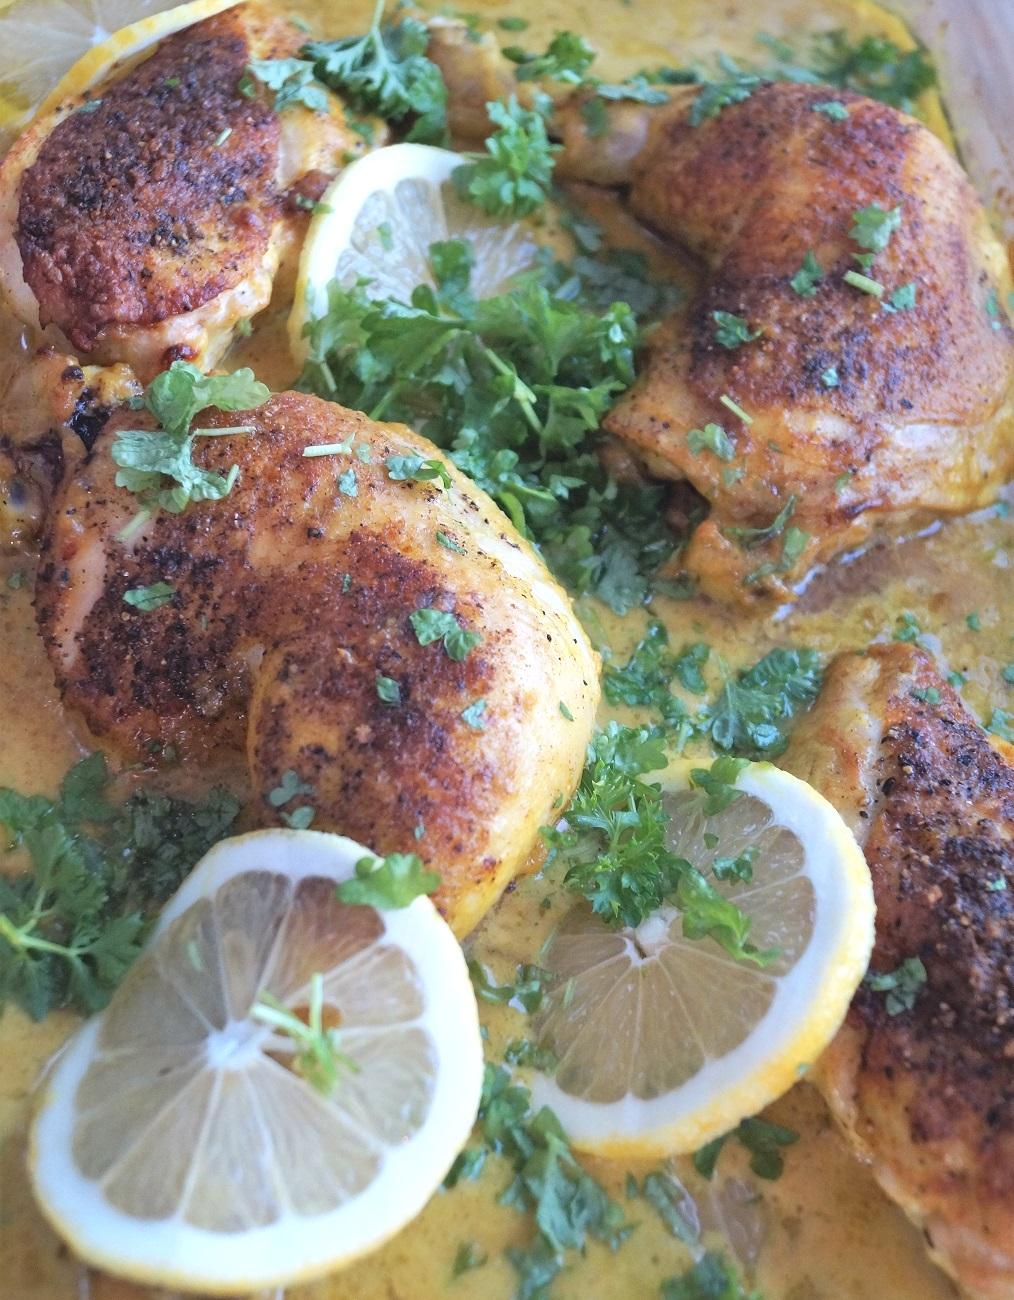 Kylling+med+sitron+og+persille.jpg